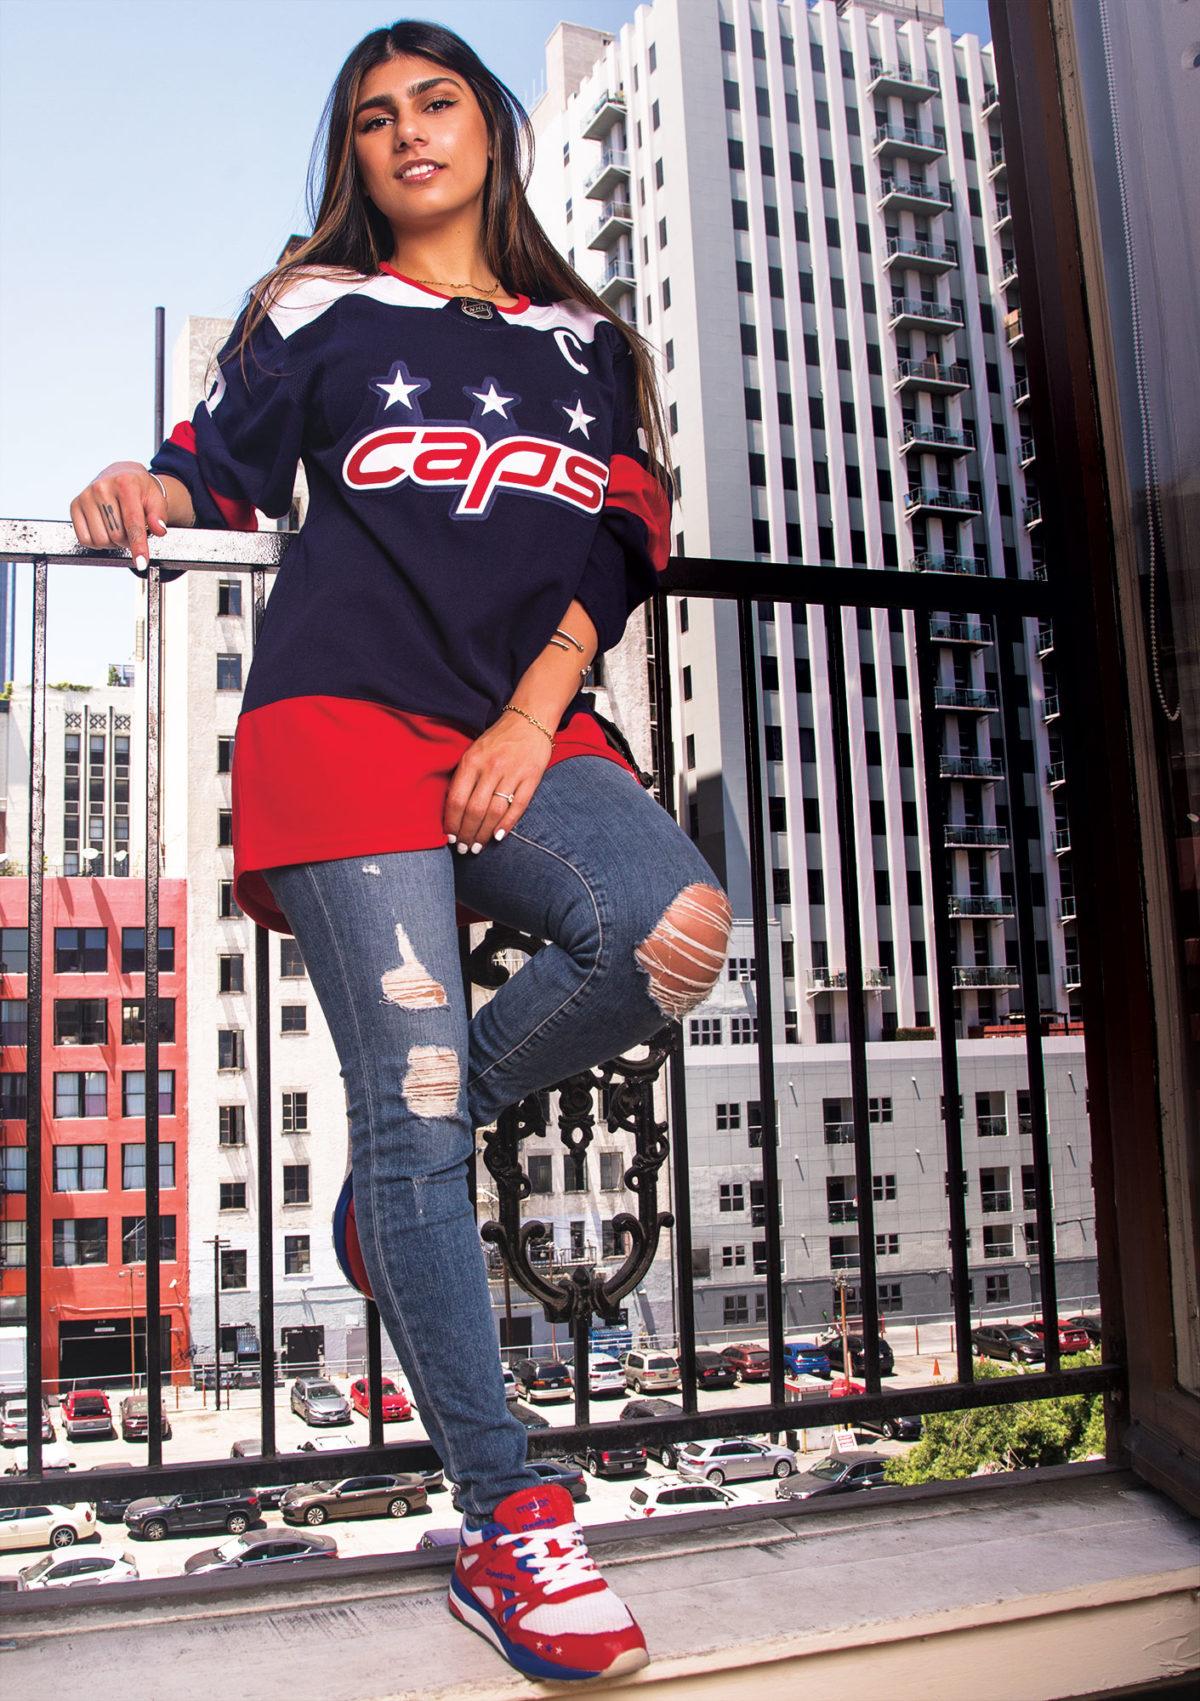 Mia Khalifa in a Hockey Jersey